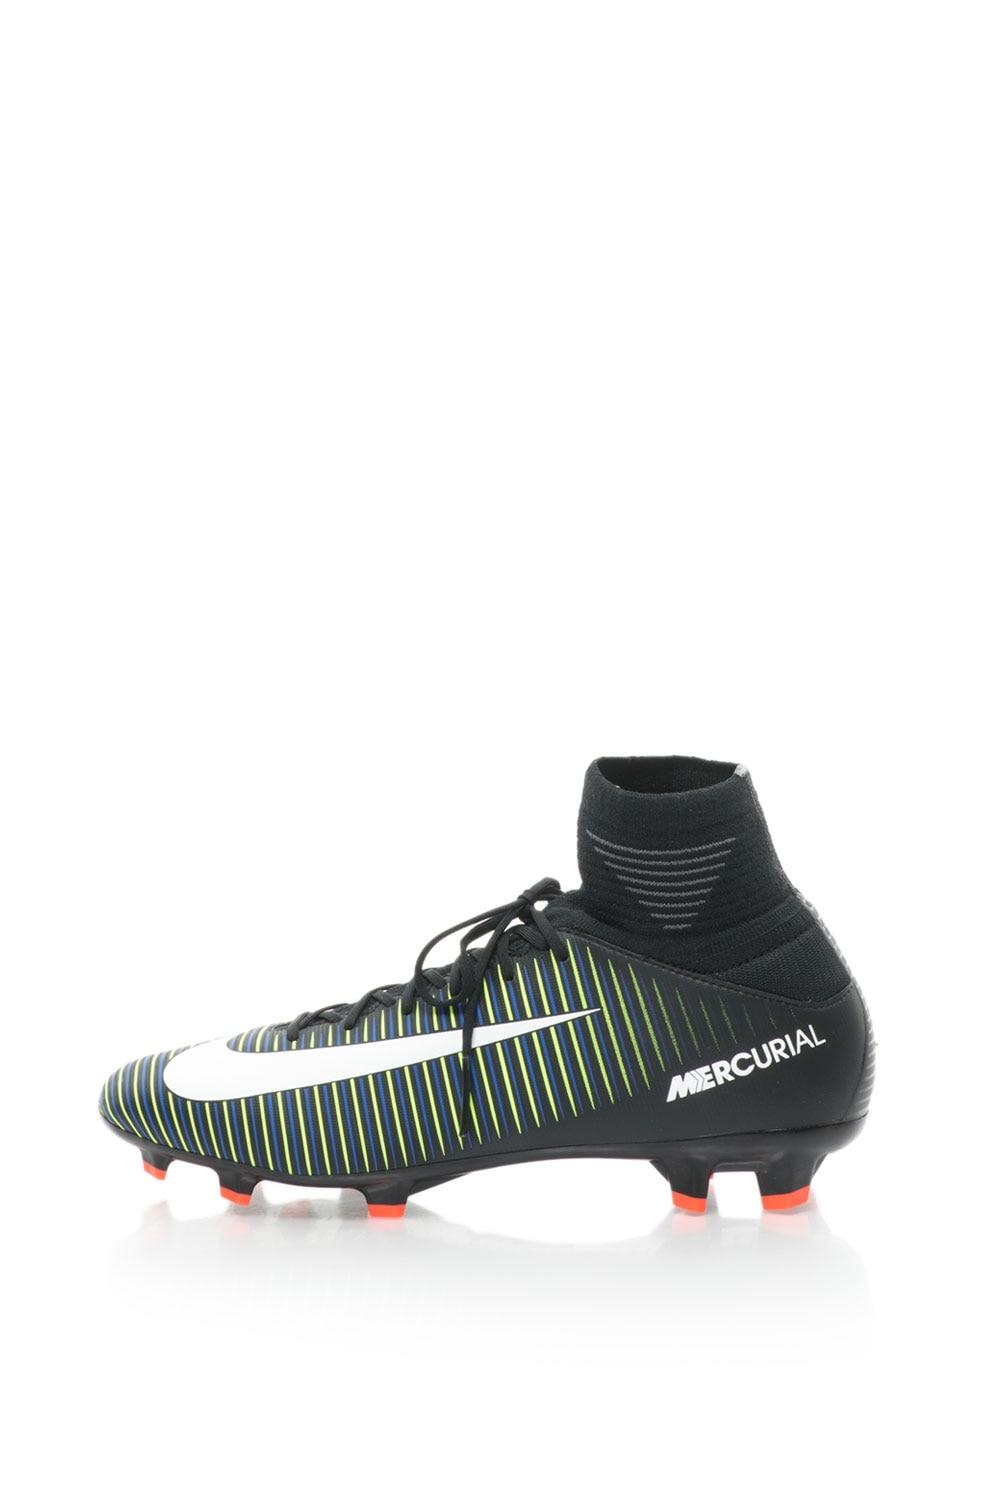 Haz lo mejor que pueda chorro dialecto  Nike, Pantofi cu crampoane pentru fotbal Mercurial Superfly, Negru/Verde,  6Y - eMAG.ro